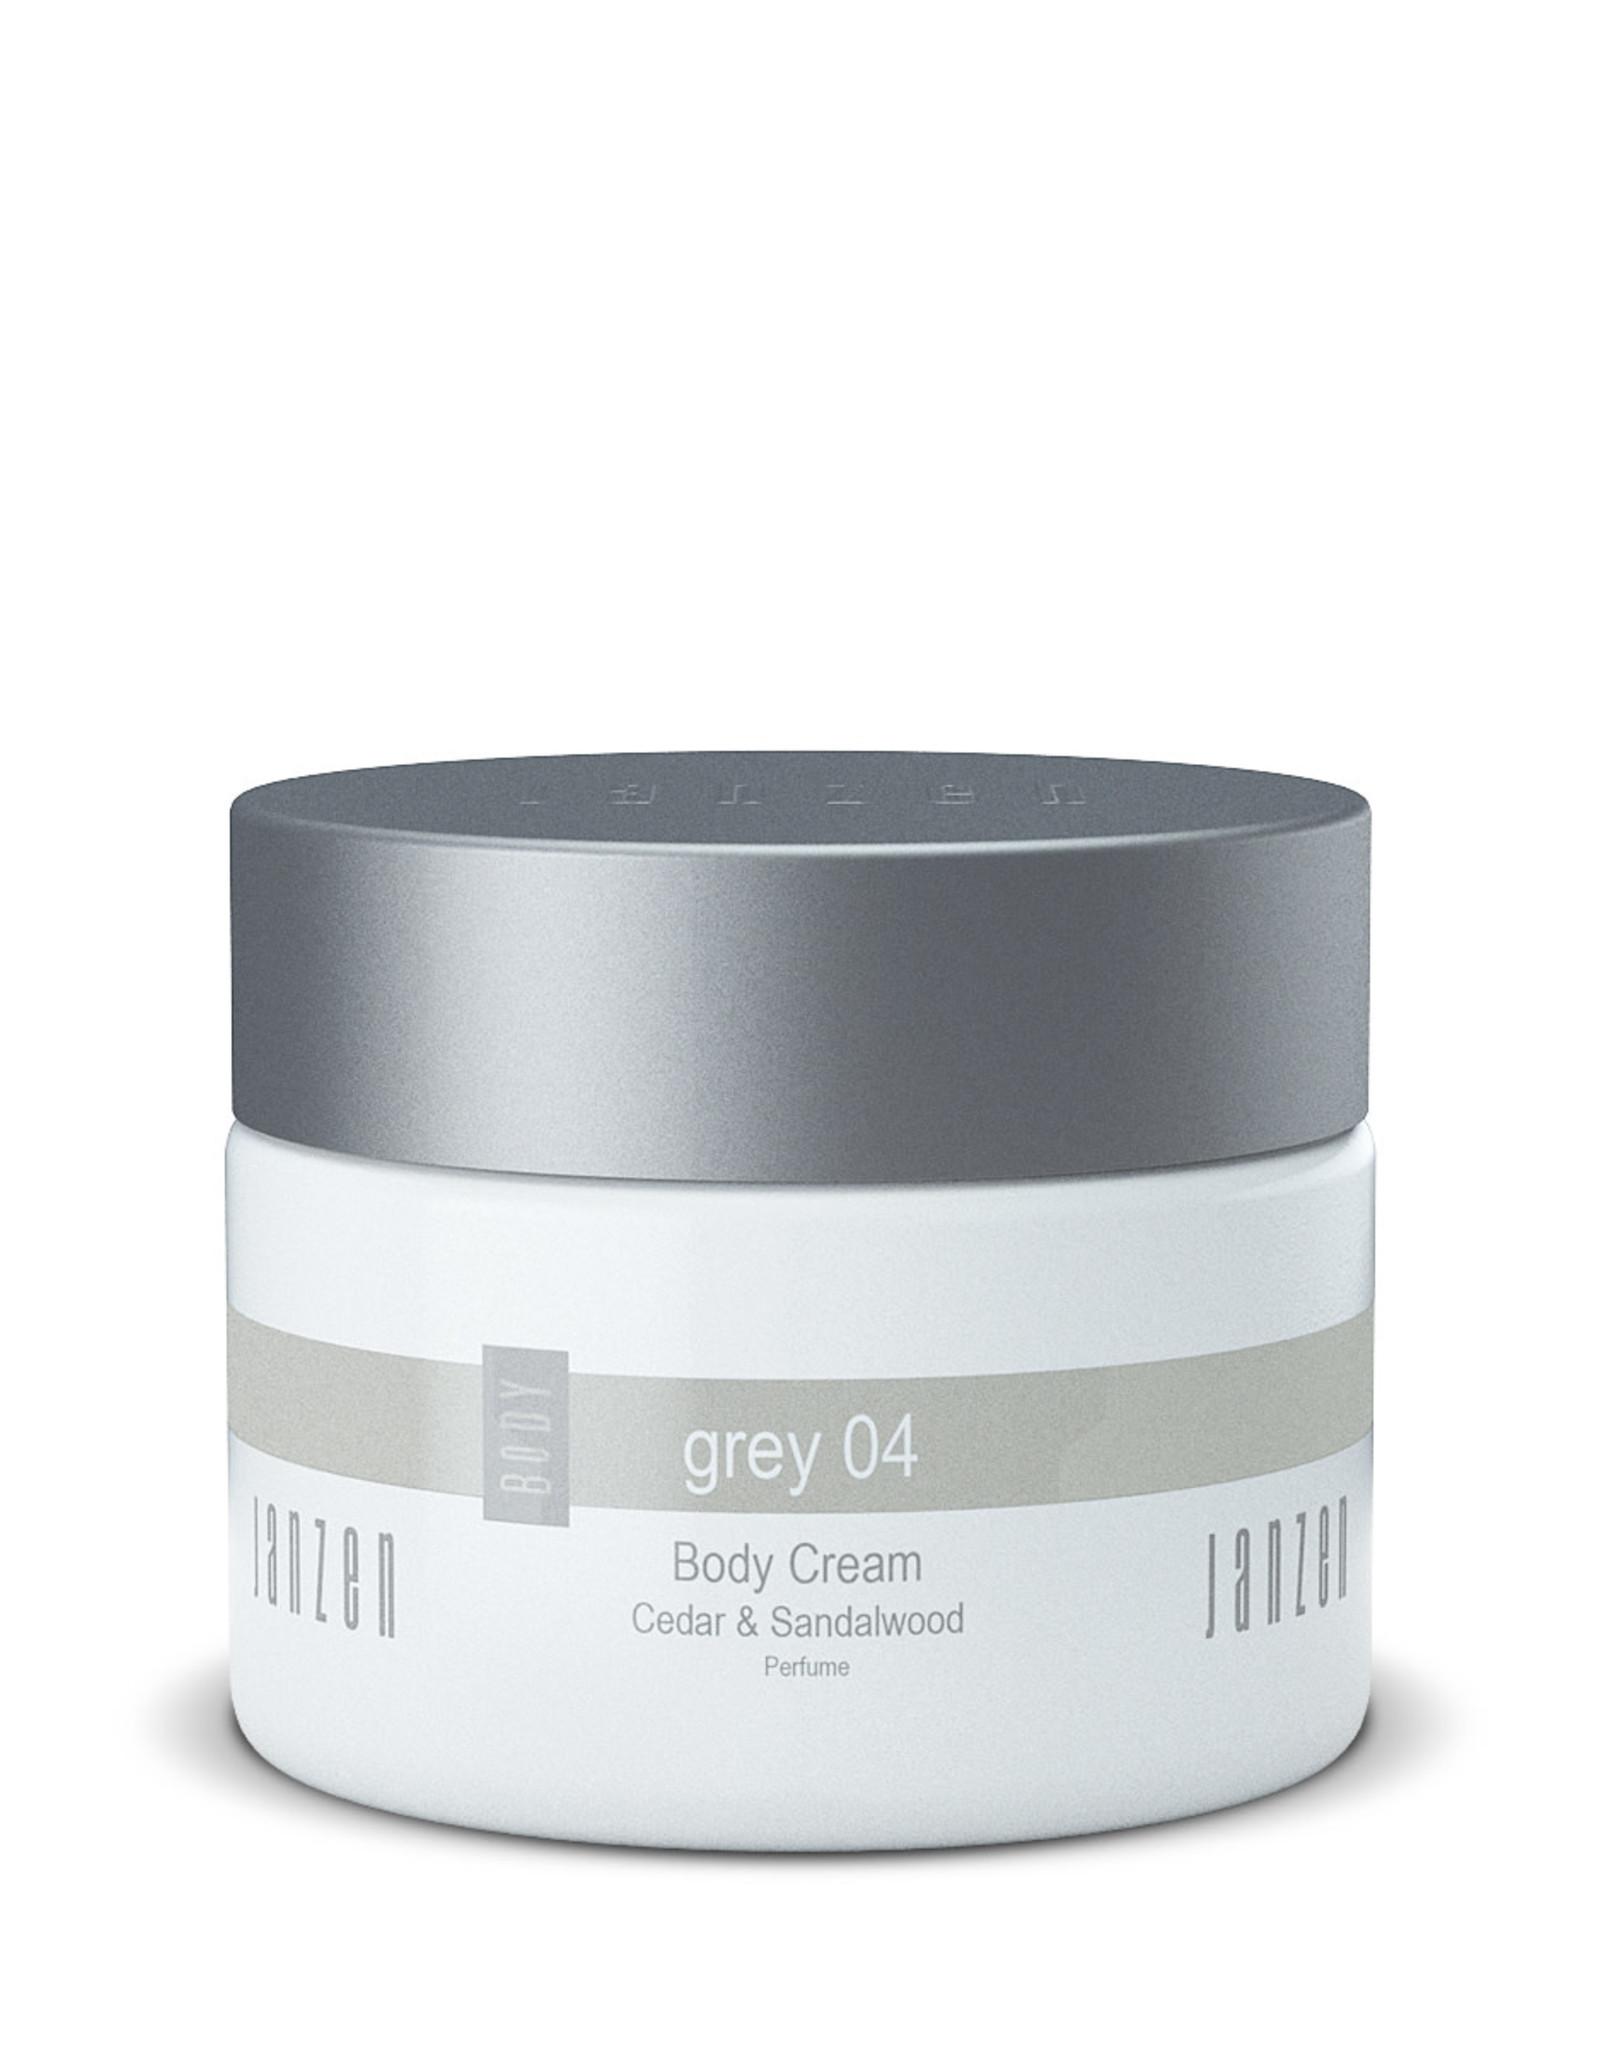 JANZEN Body Cream Grey 04 300ml - JANZEN